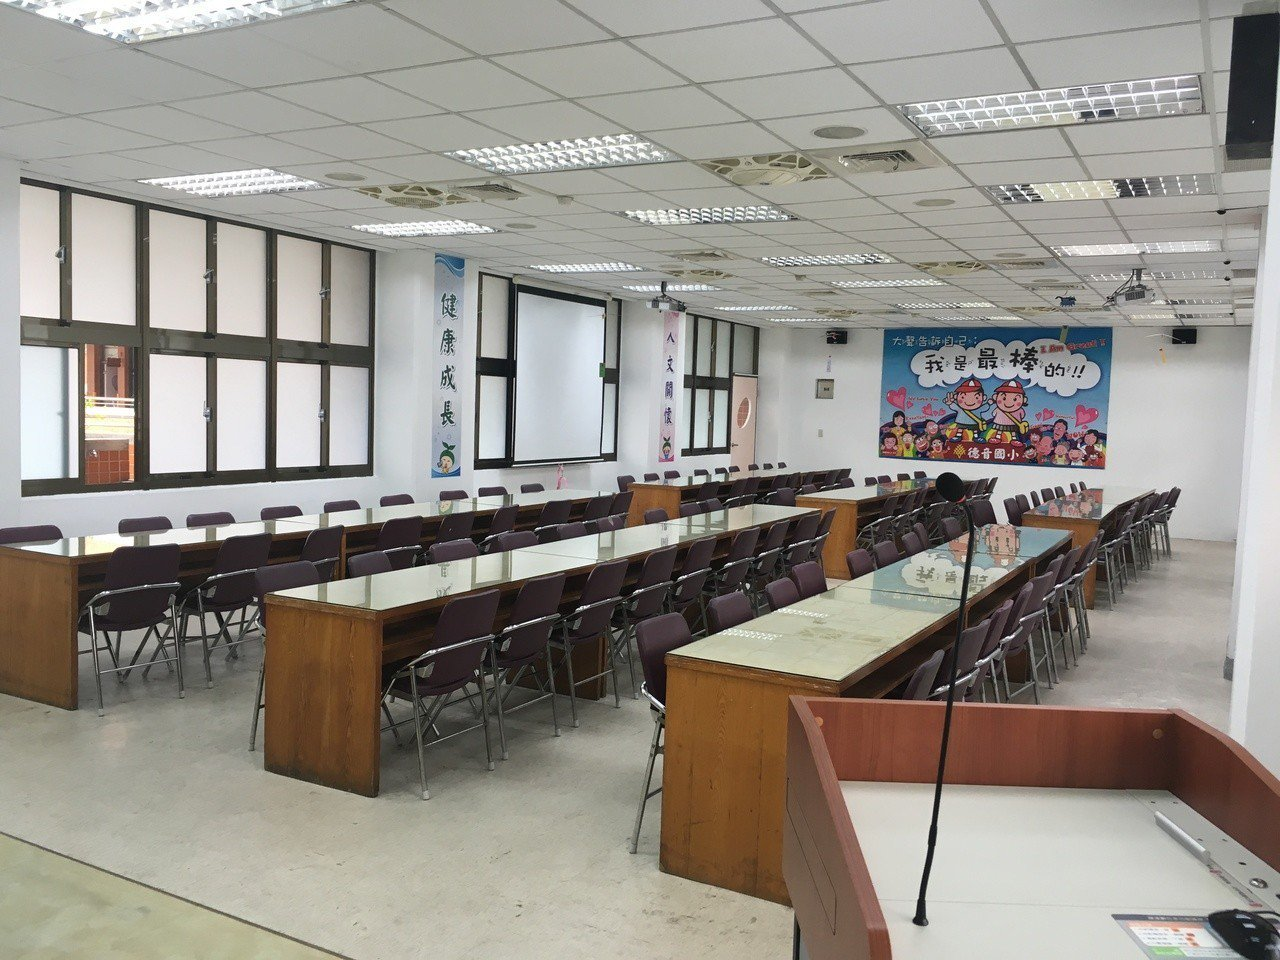 德音國小視聽教室從創校使用至今都未改造。圖/市議員蔡淑君提供